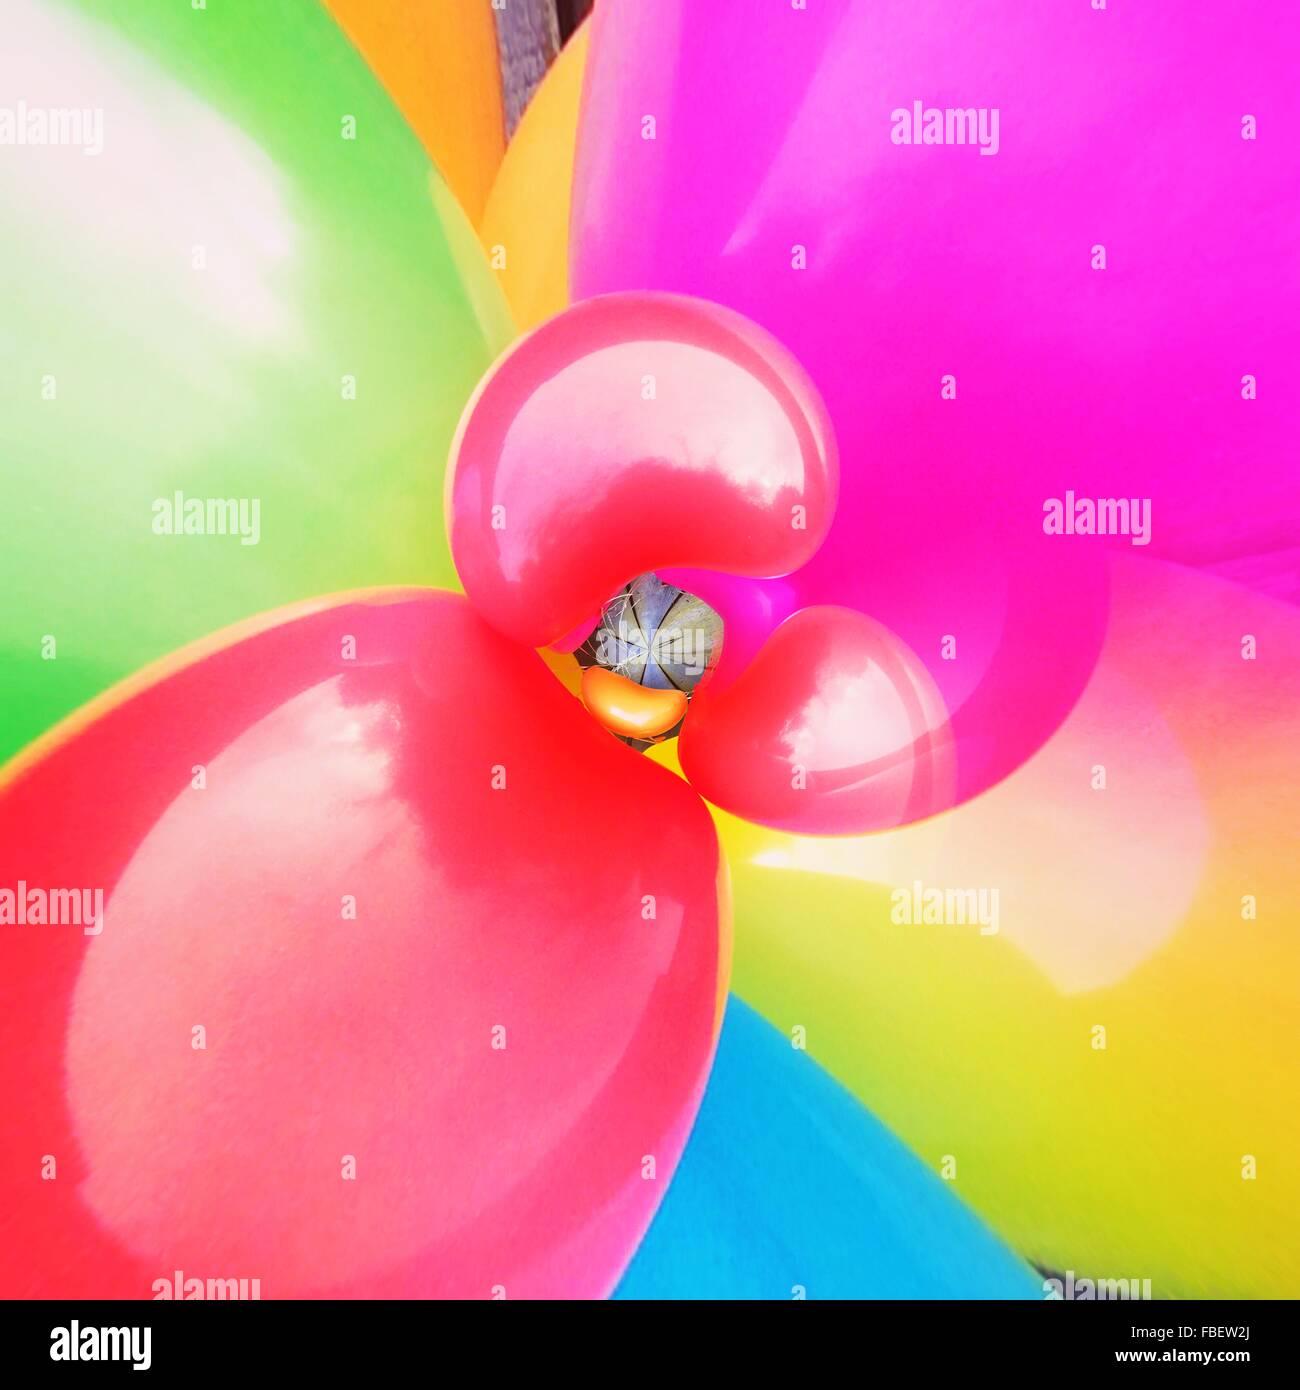 Full Frame Shot Of Multi Colored Balloons - Stock Image